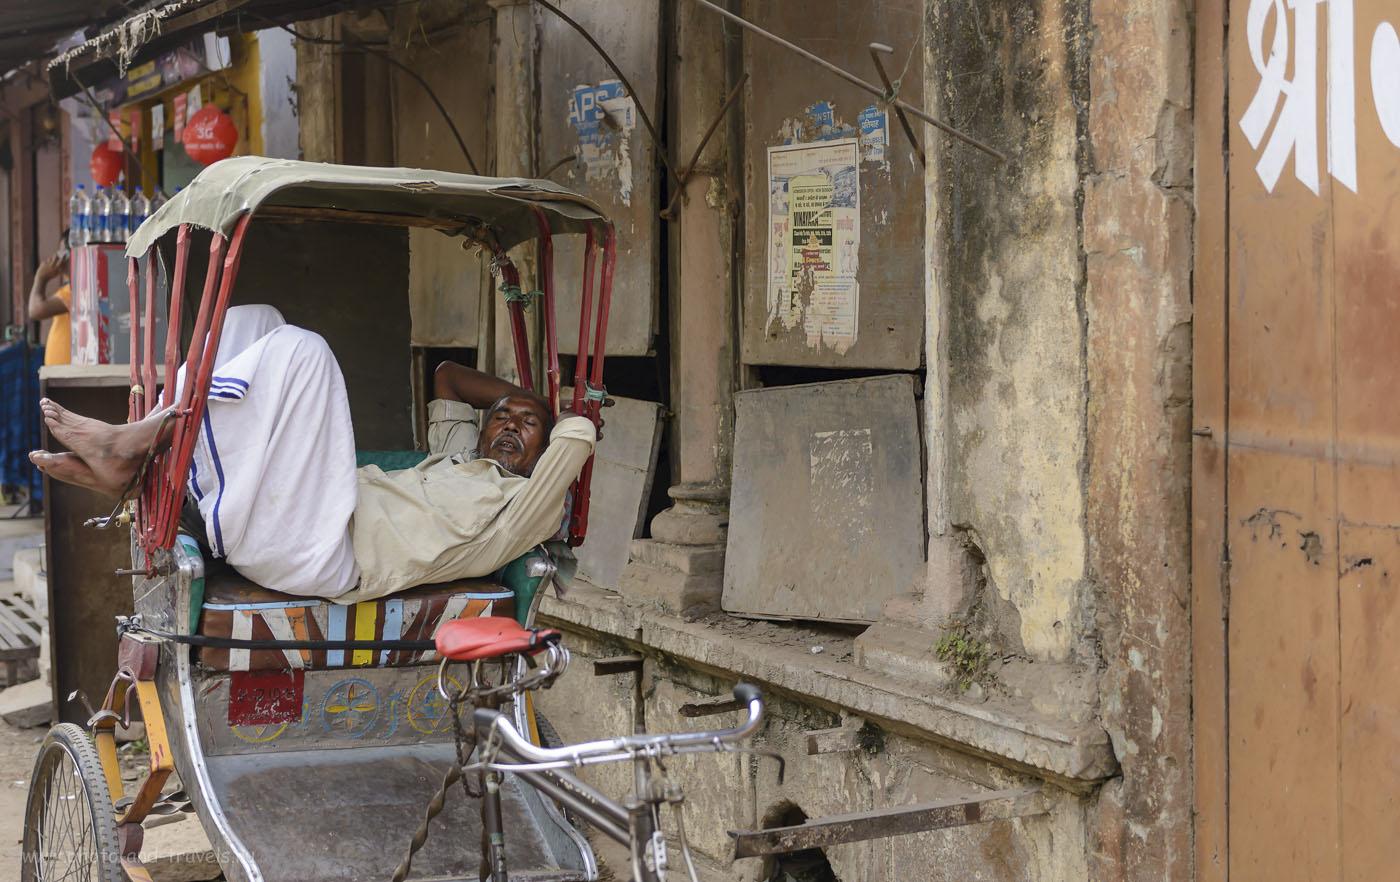 Фото 29. Грузовой велосипед для рикши – не только средство заработка, но и место жительства. Прогулка по Варанаси. 1/800, 2.8, 250, 56.